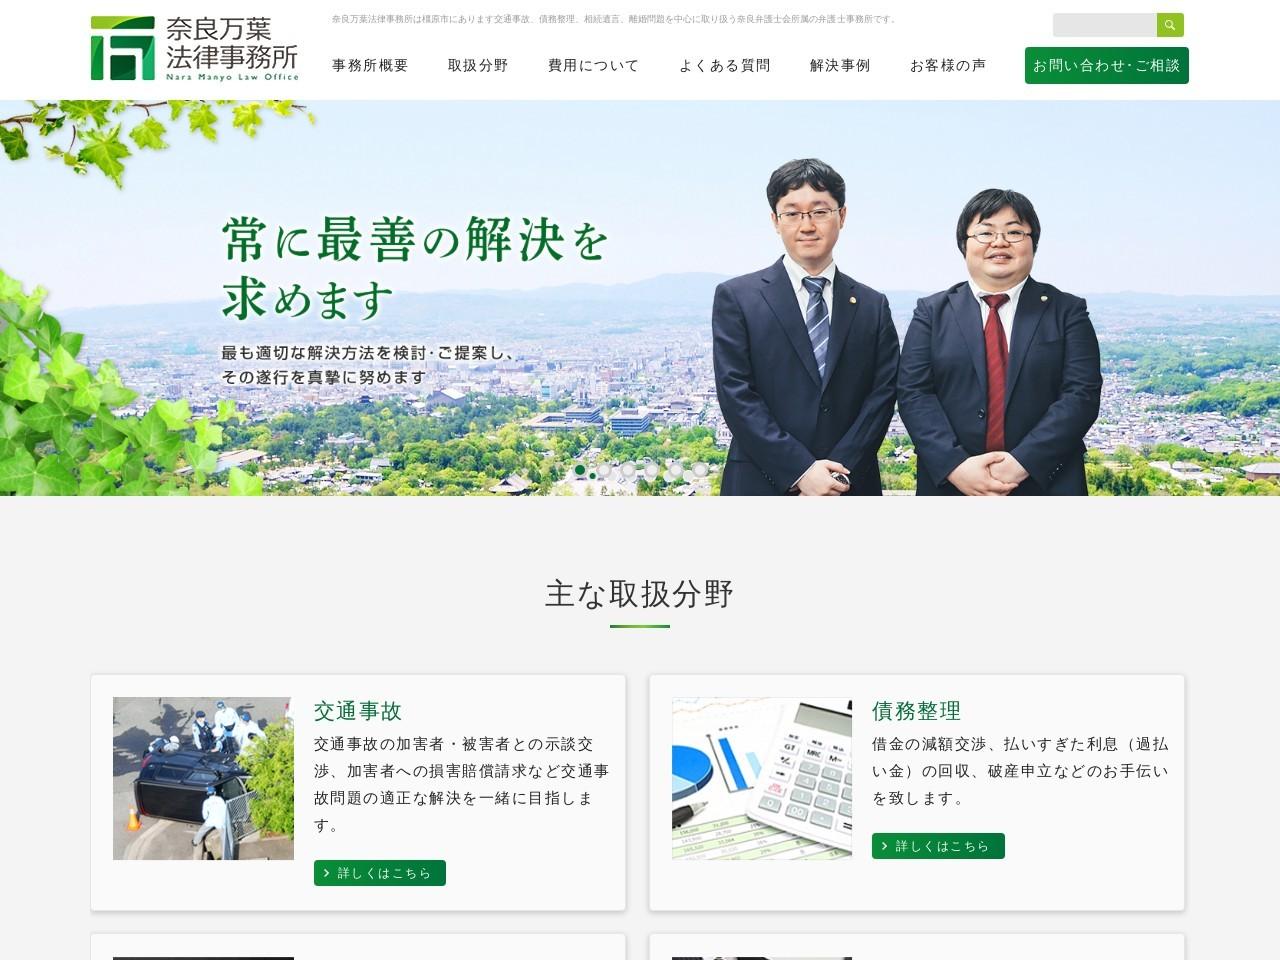 奈良万葉法律事務所